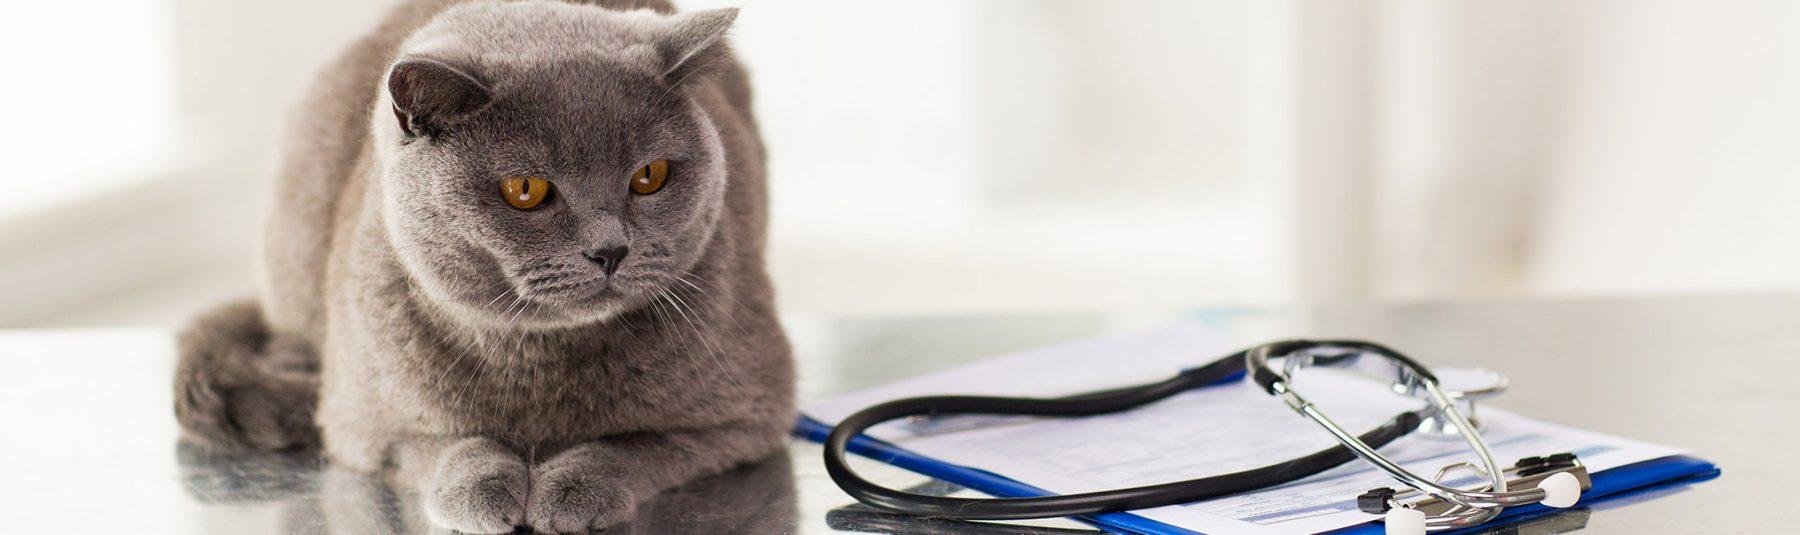 cat-overweight-help